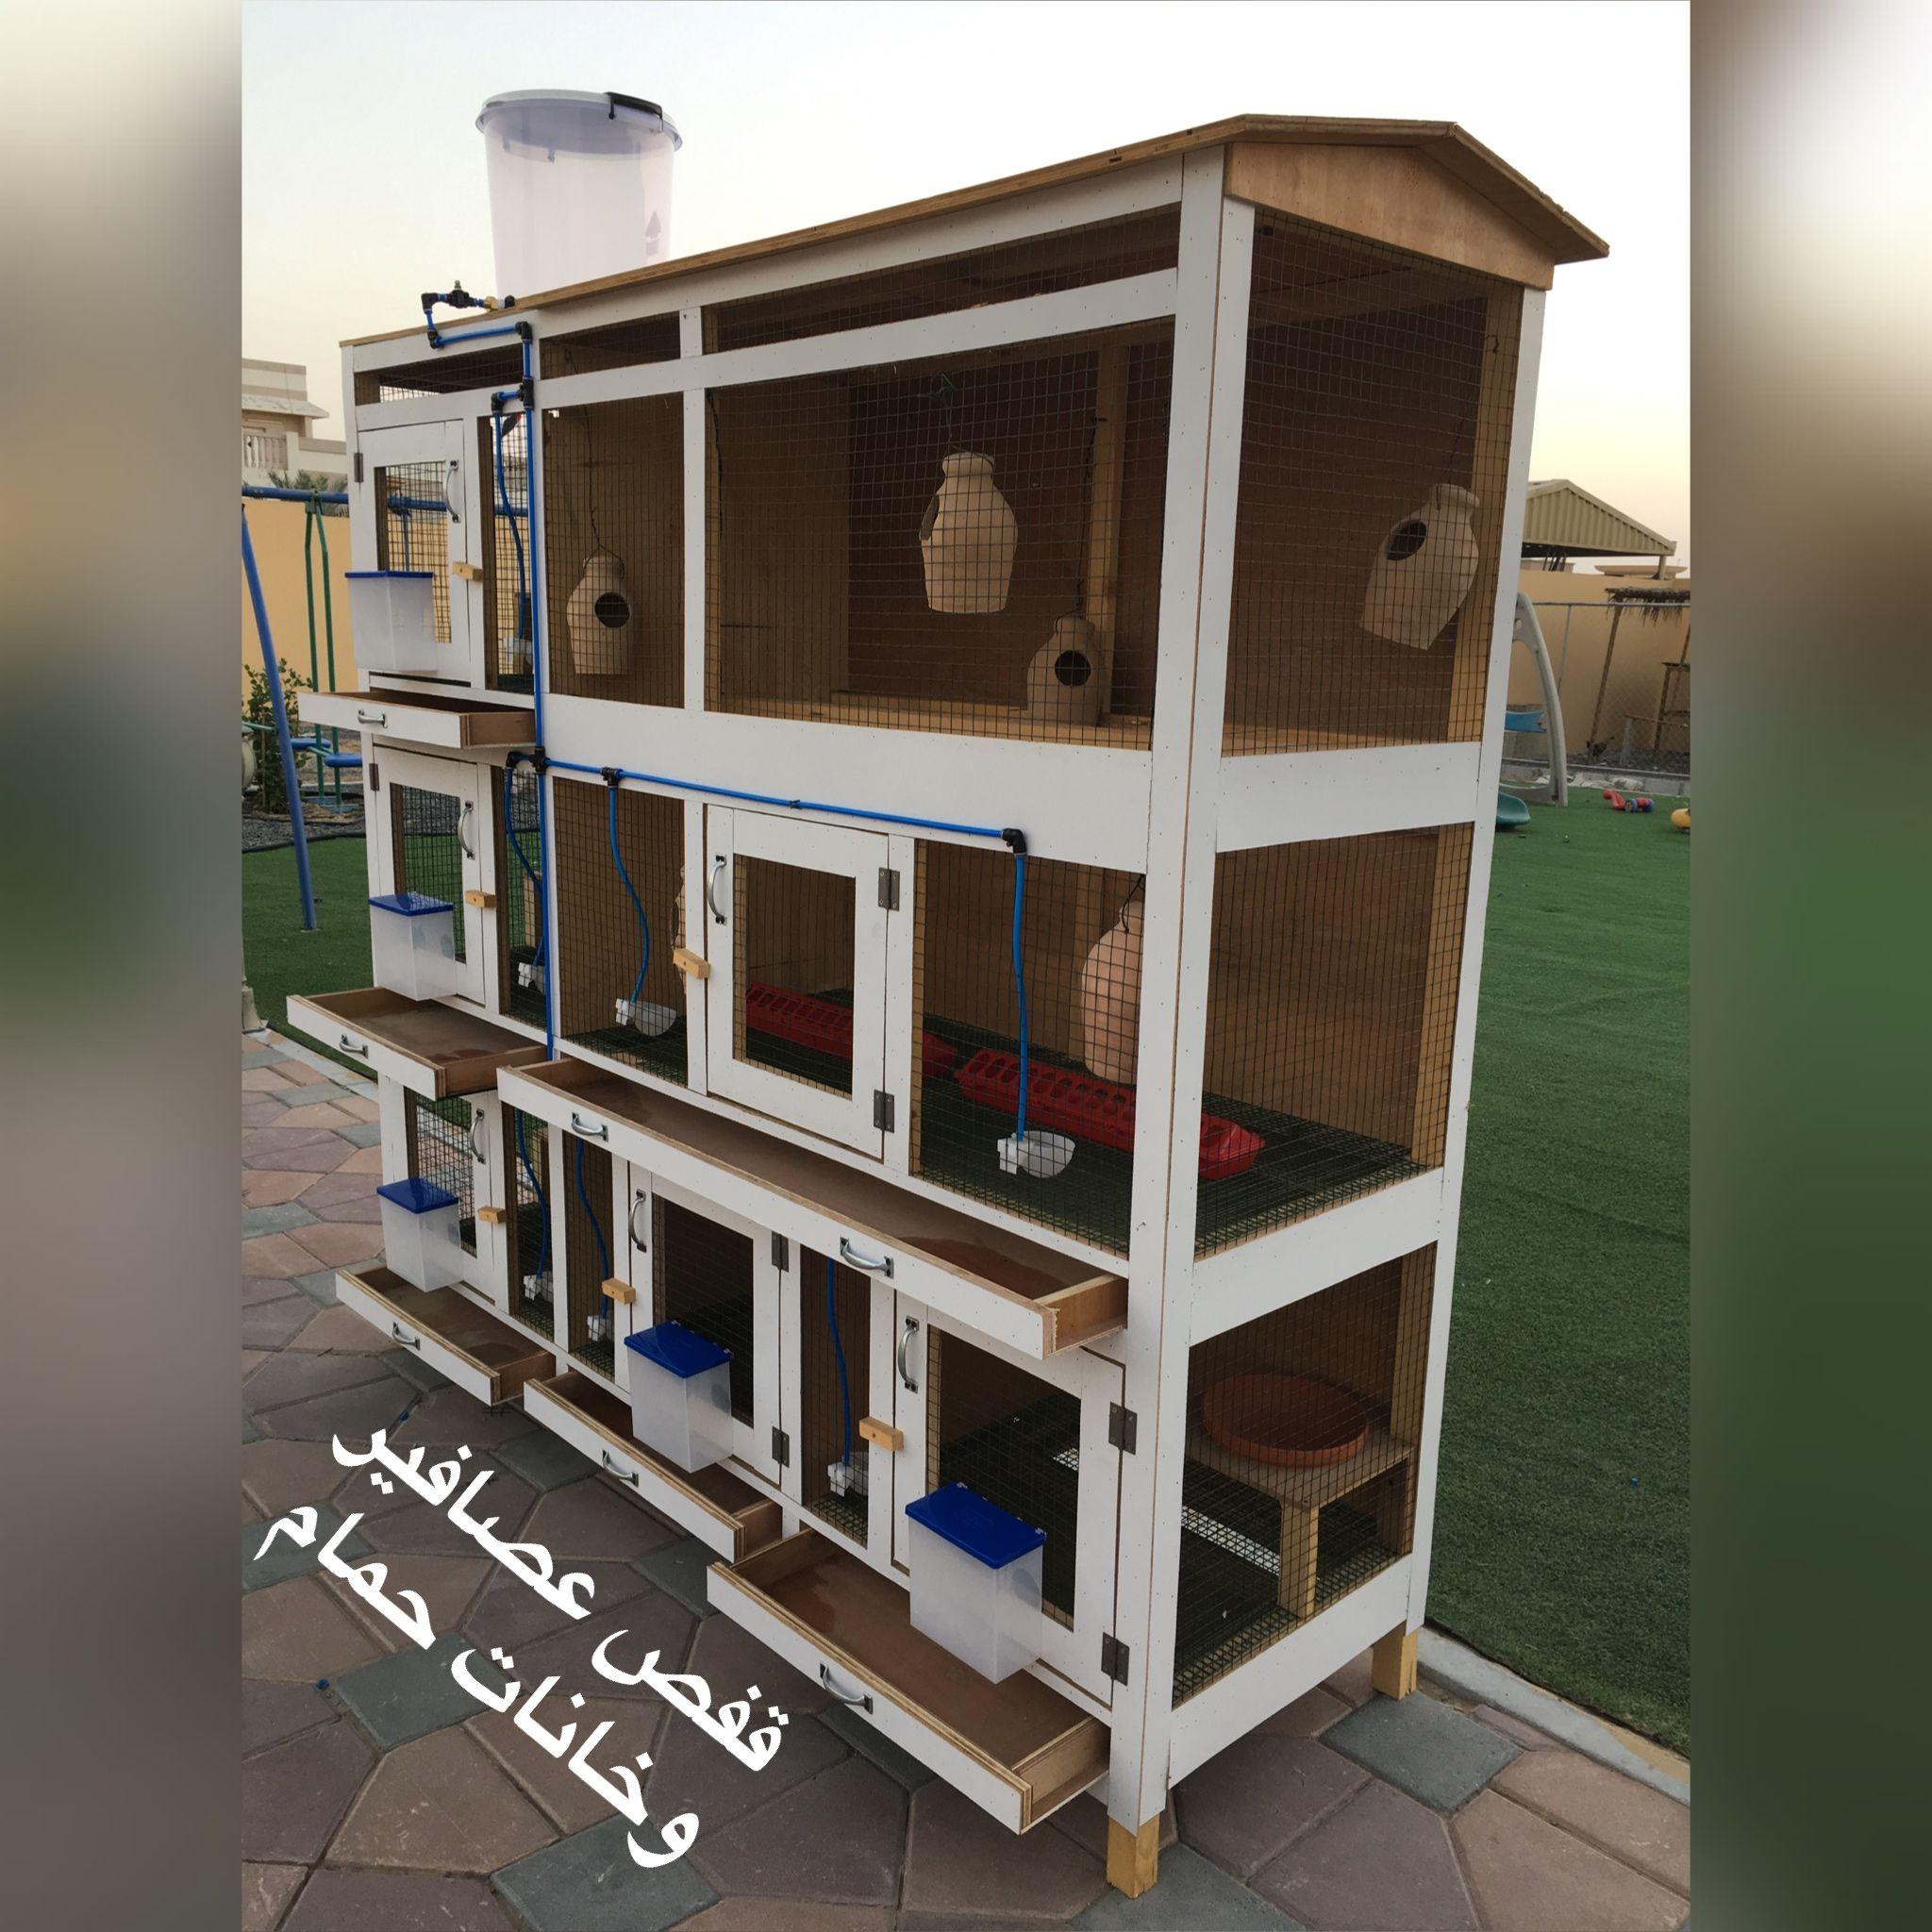 الدولة الامارات رقم الموبايل 00971509388854 معلومات عن الإعلان محاكر خشبية جديدة المميزات اجمالي 6 خانات 5 خانات لل Home Decor Loft Bed Decor